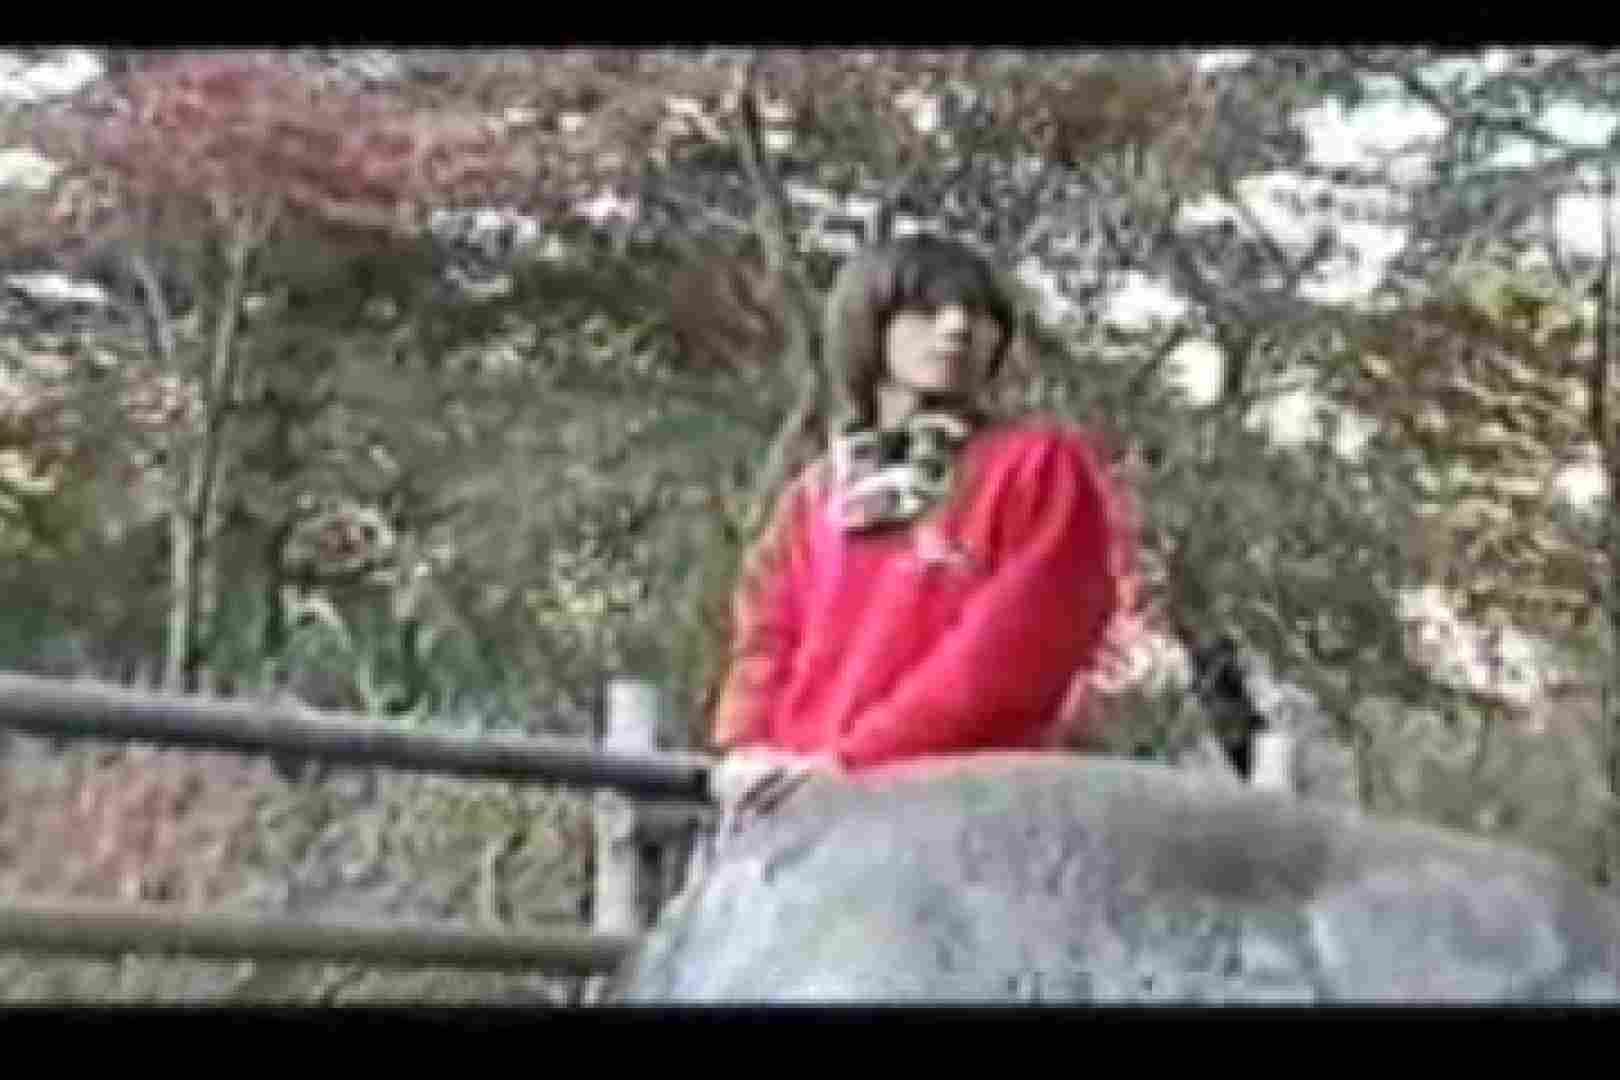 オールドゲイシリーズ  美少年ひかるのオープンファック イケメン  106pic 36